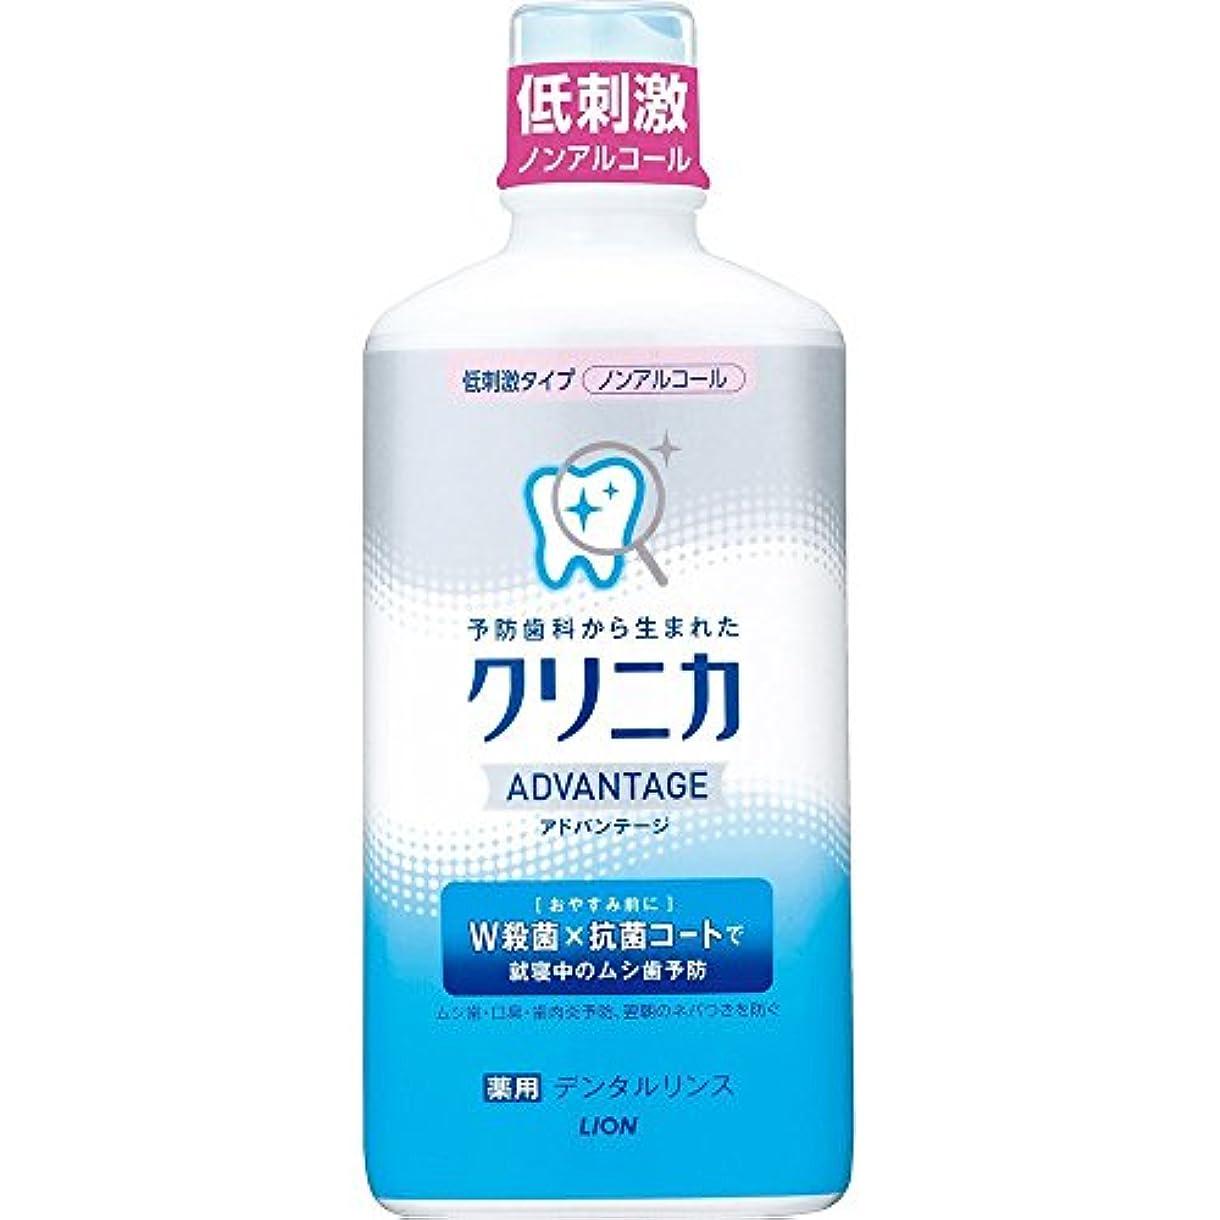 クリニカ アドバンテージ 薬用デンタルリンス 低刺激タイプ(ノンアルコール) 450ml ×10個セット